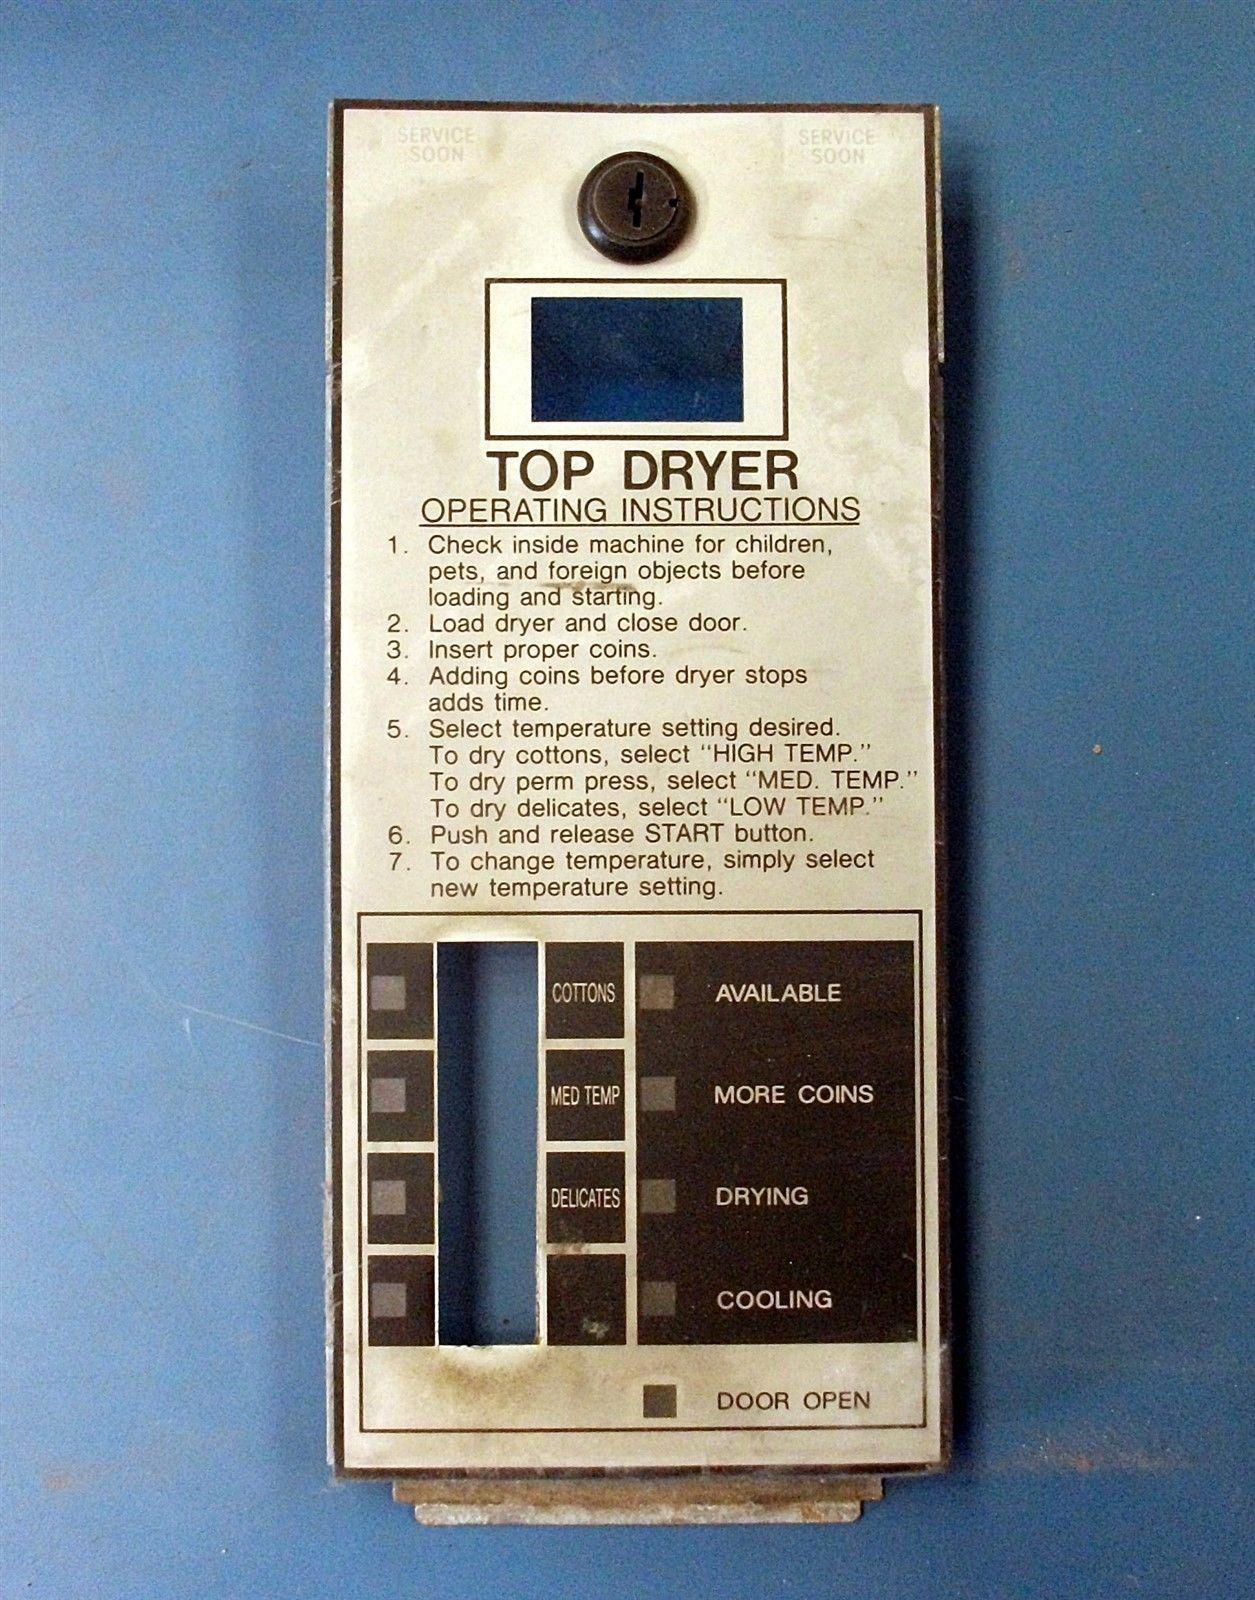 Wascomat Huebsch Speed Queen Upper Dryer Control Faceplate Model scd32dg